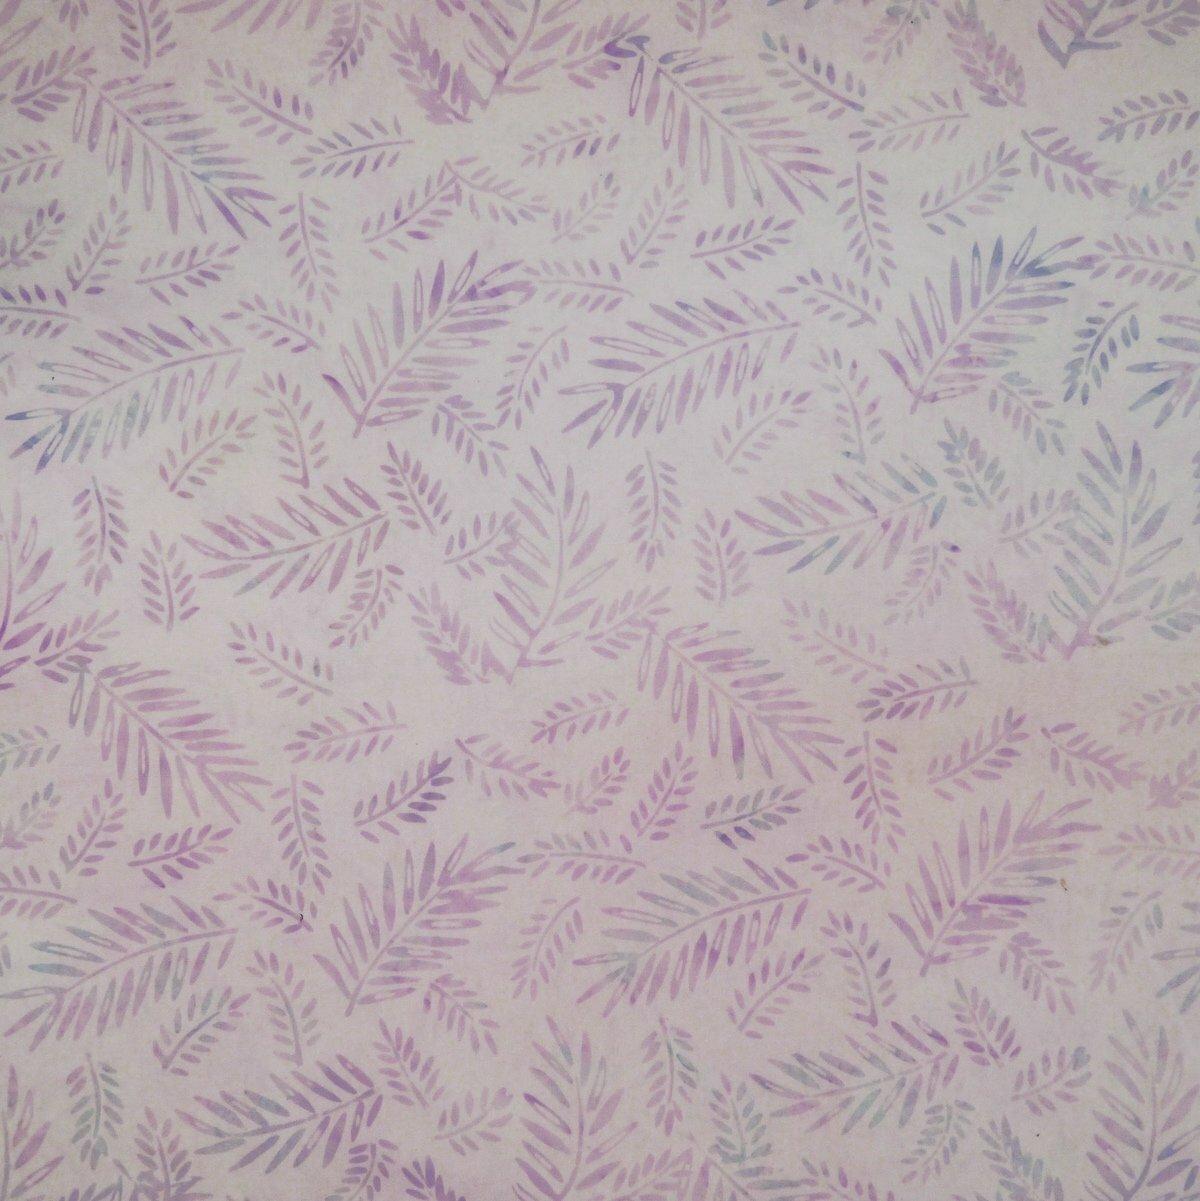 Rosita - Taupesque - Batik - 1/2m cut 56196